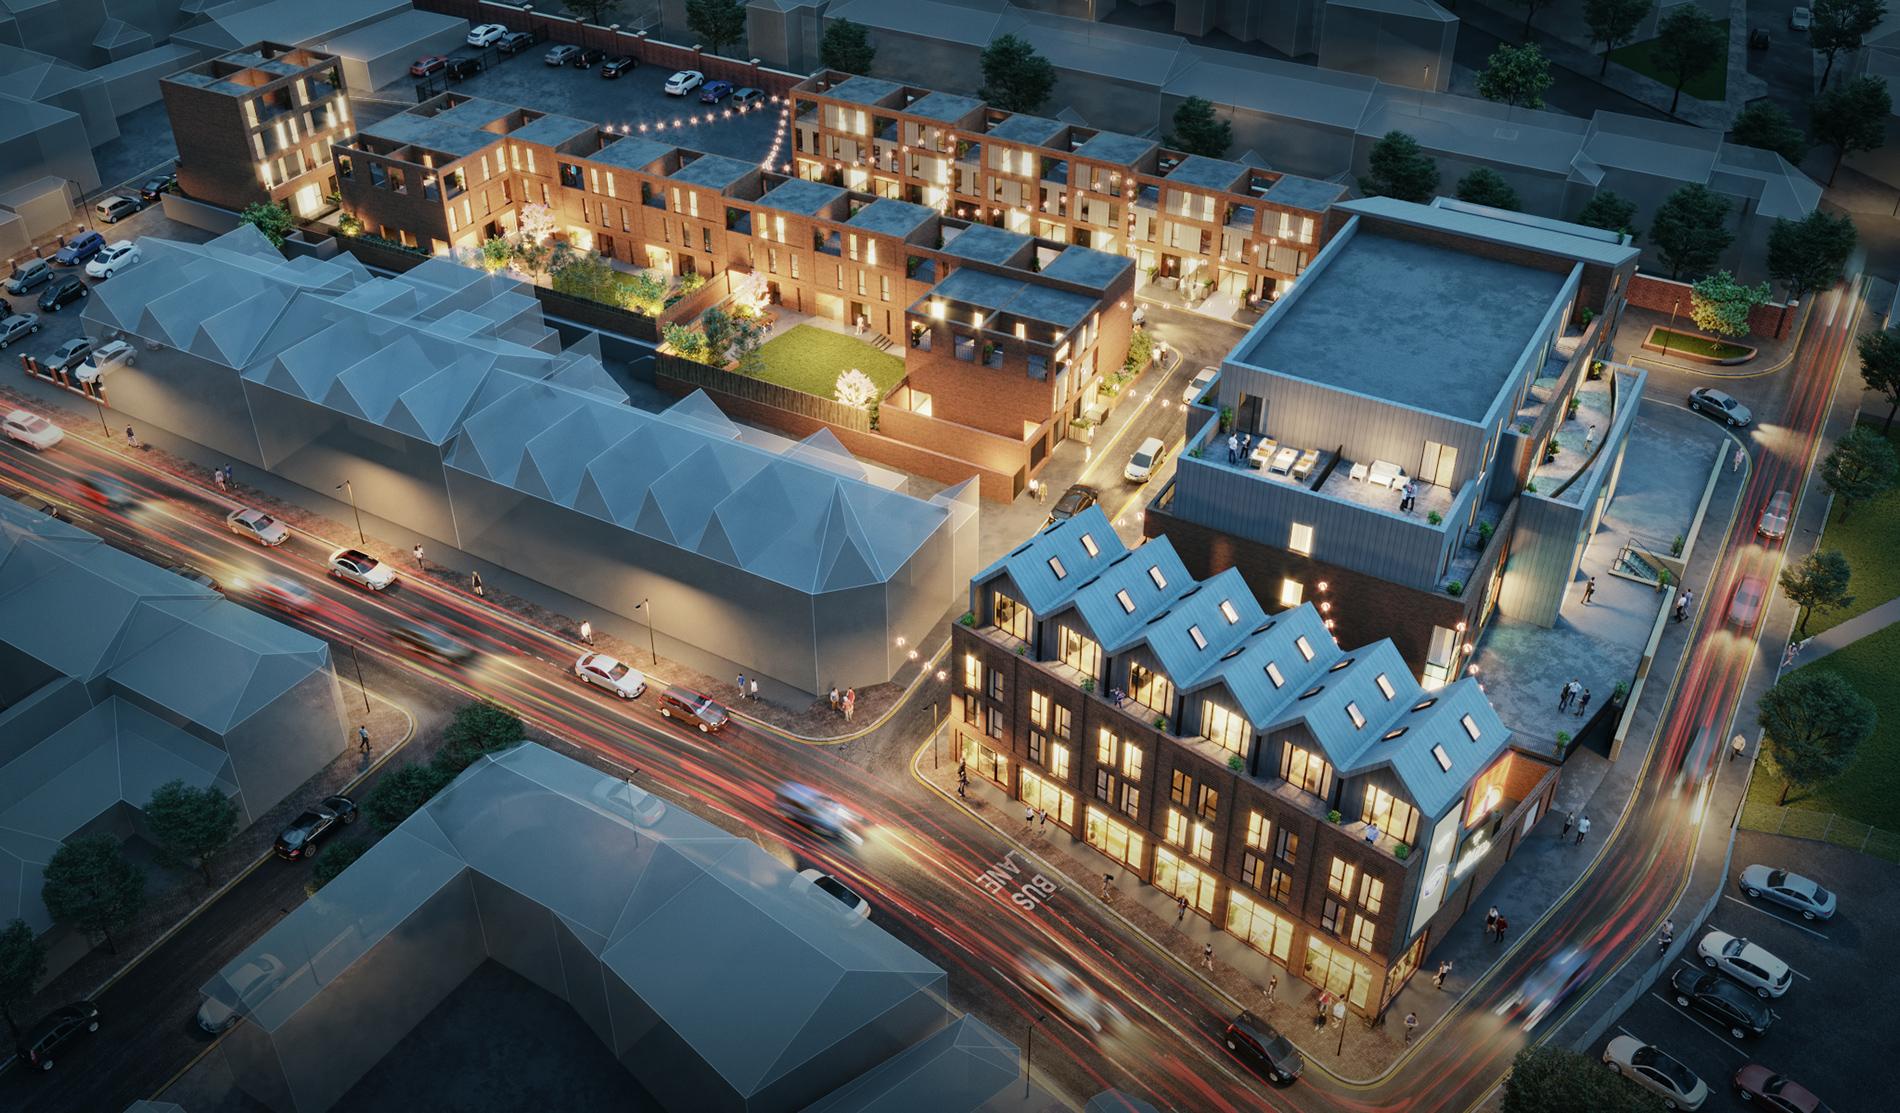 Kettons Hill Sheffield Housing 8